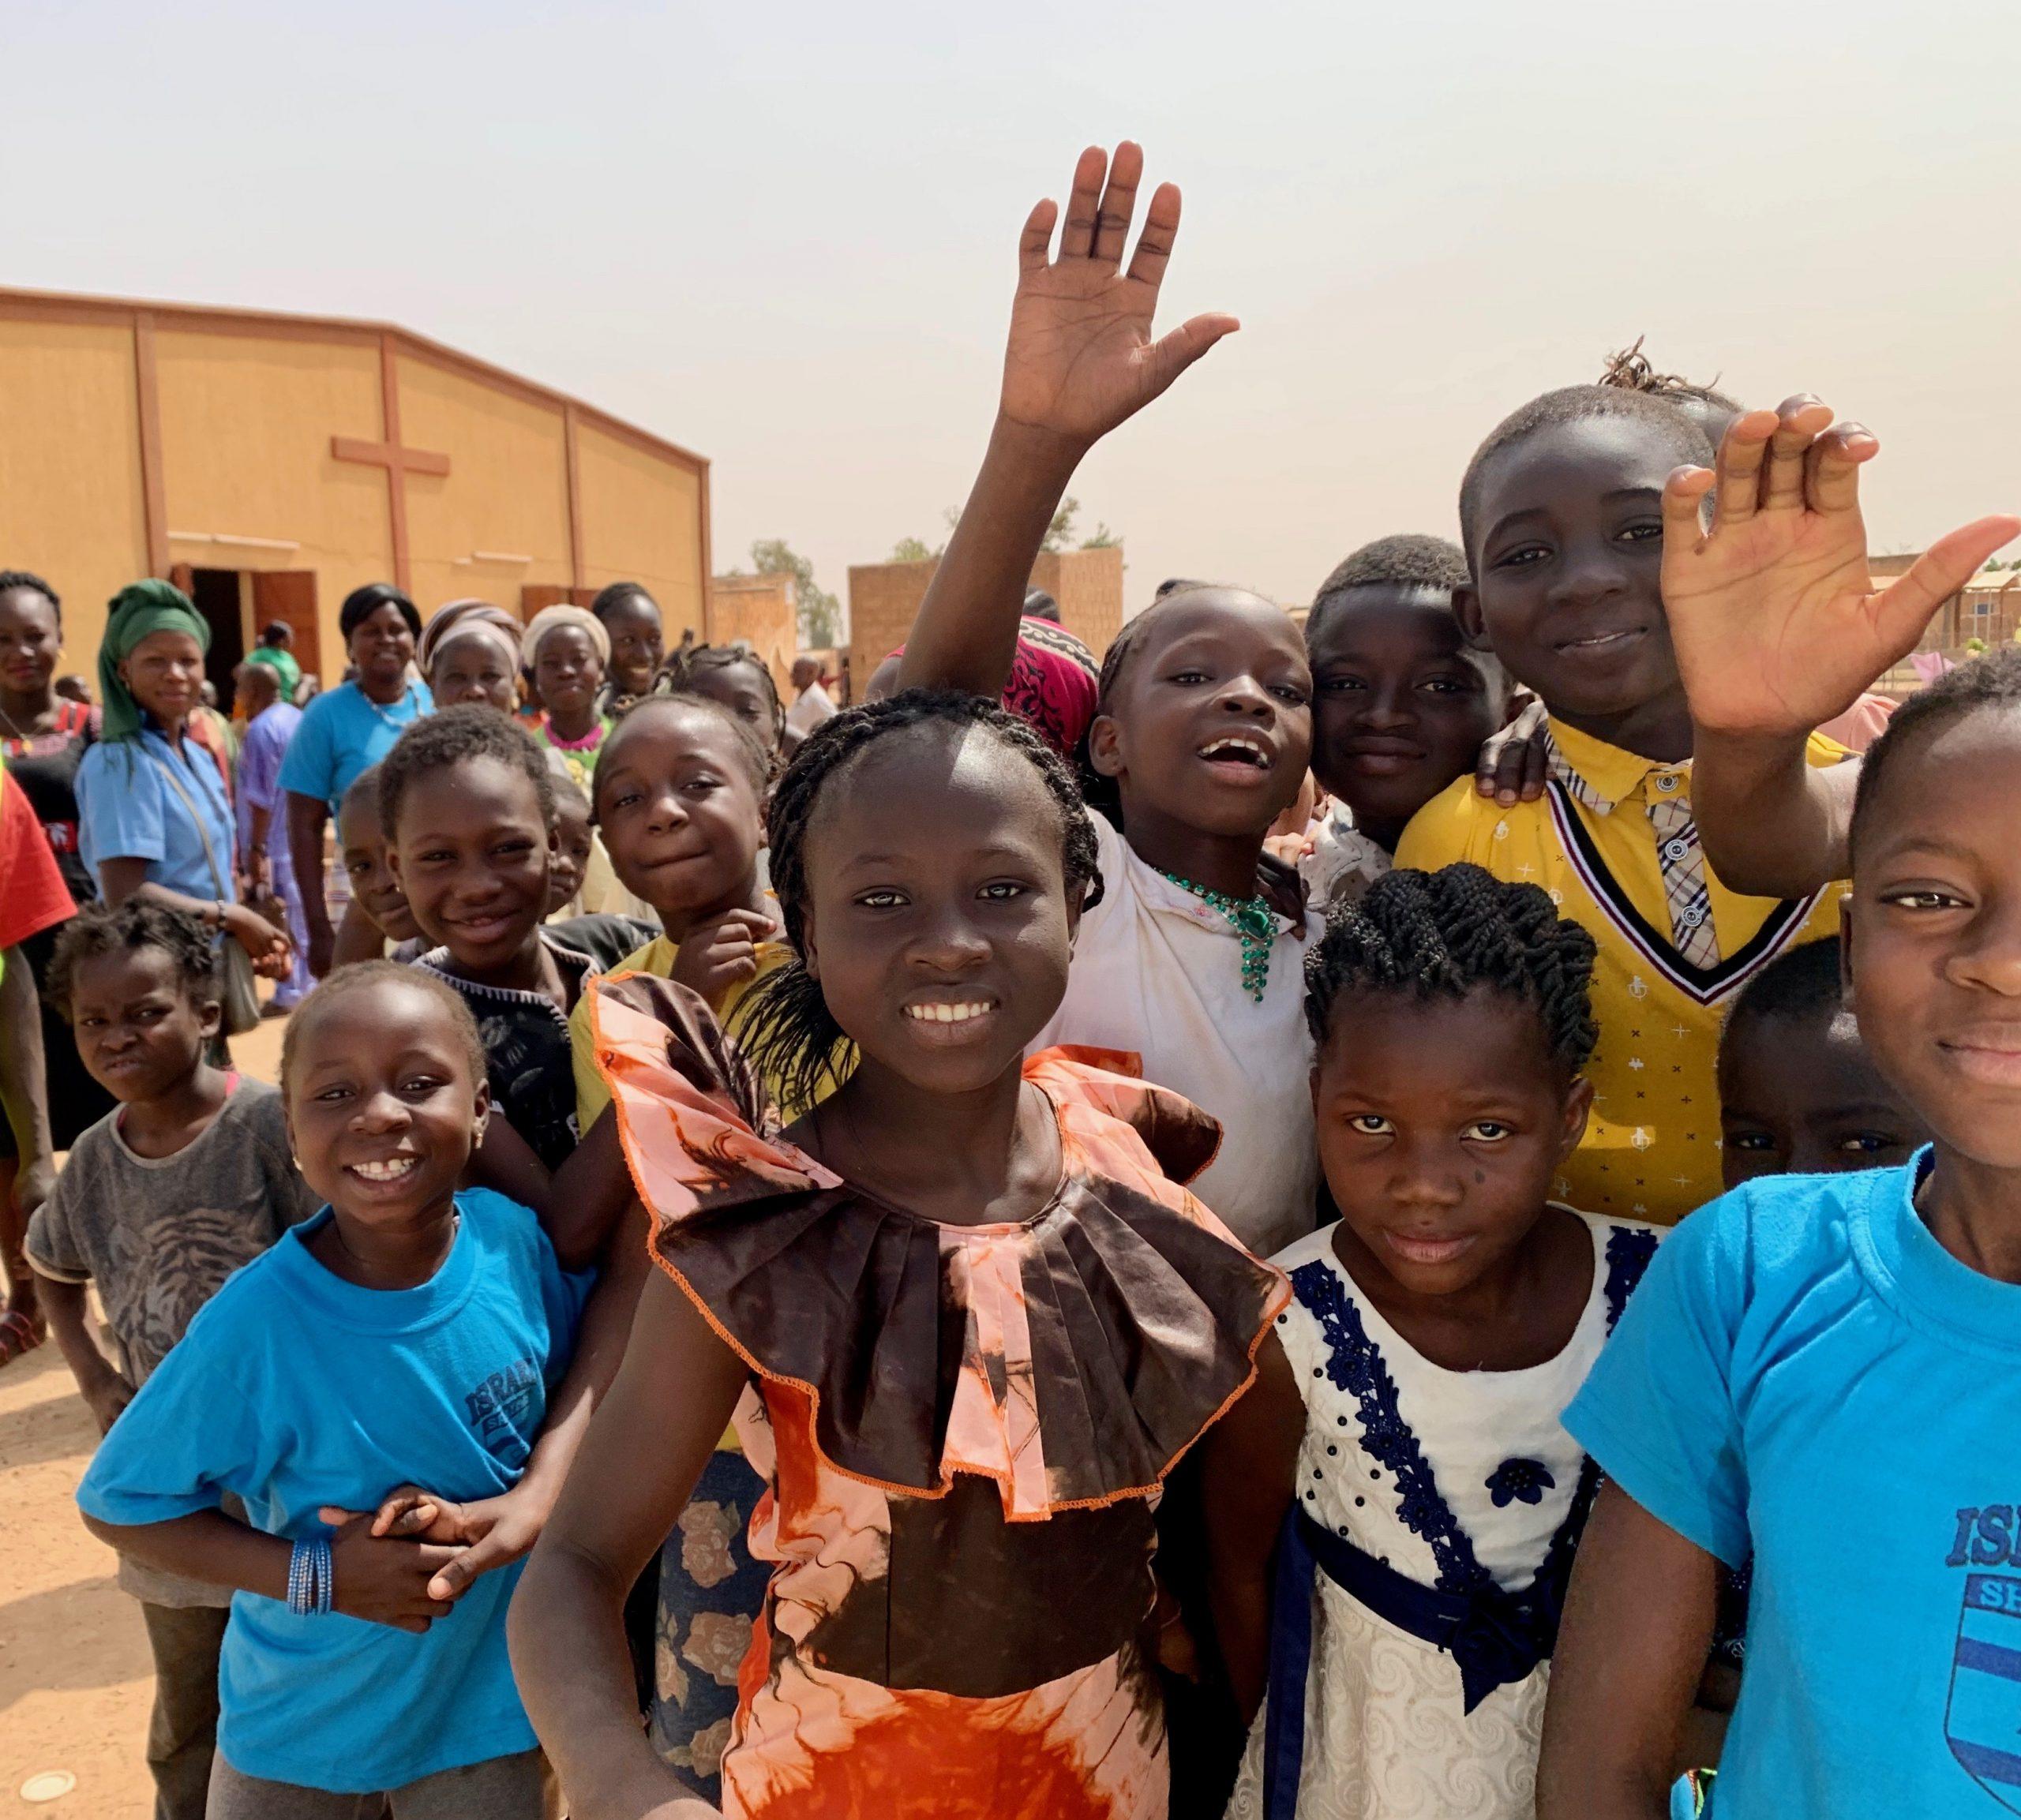 Abschied von den wunderbaren Menschen in Burkina Faso